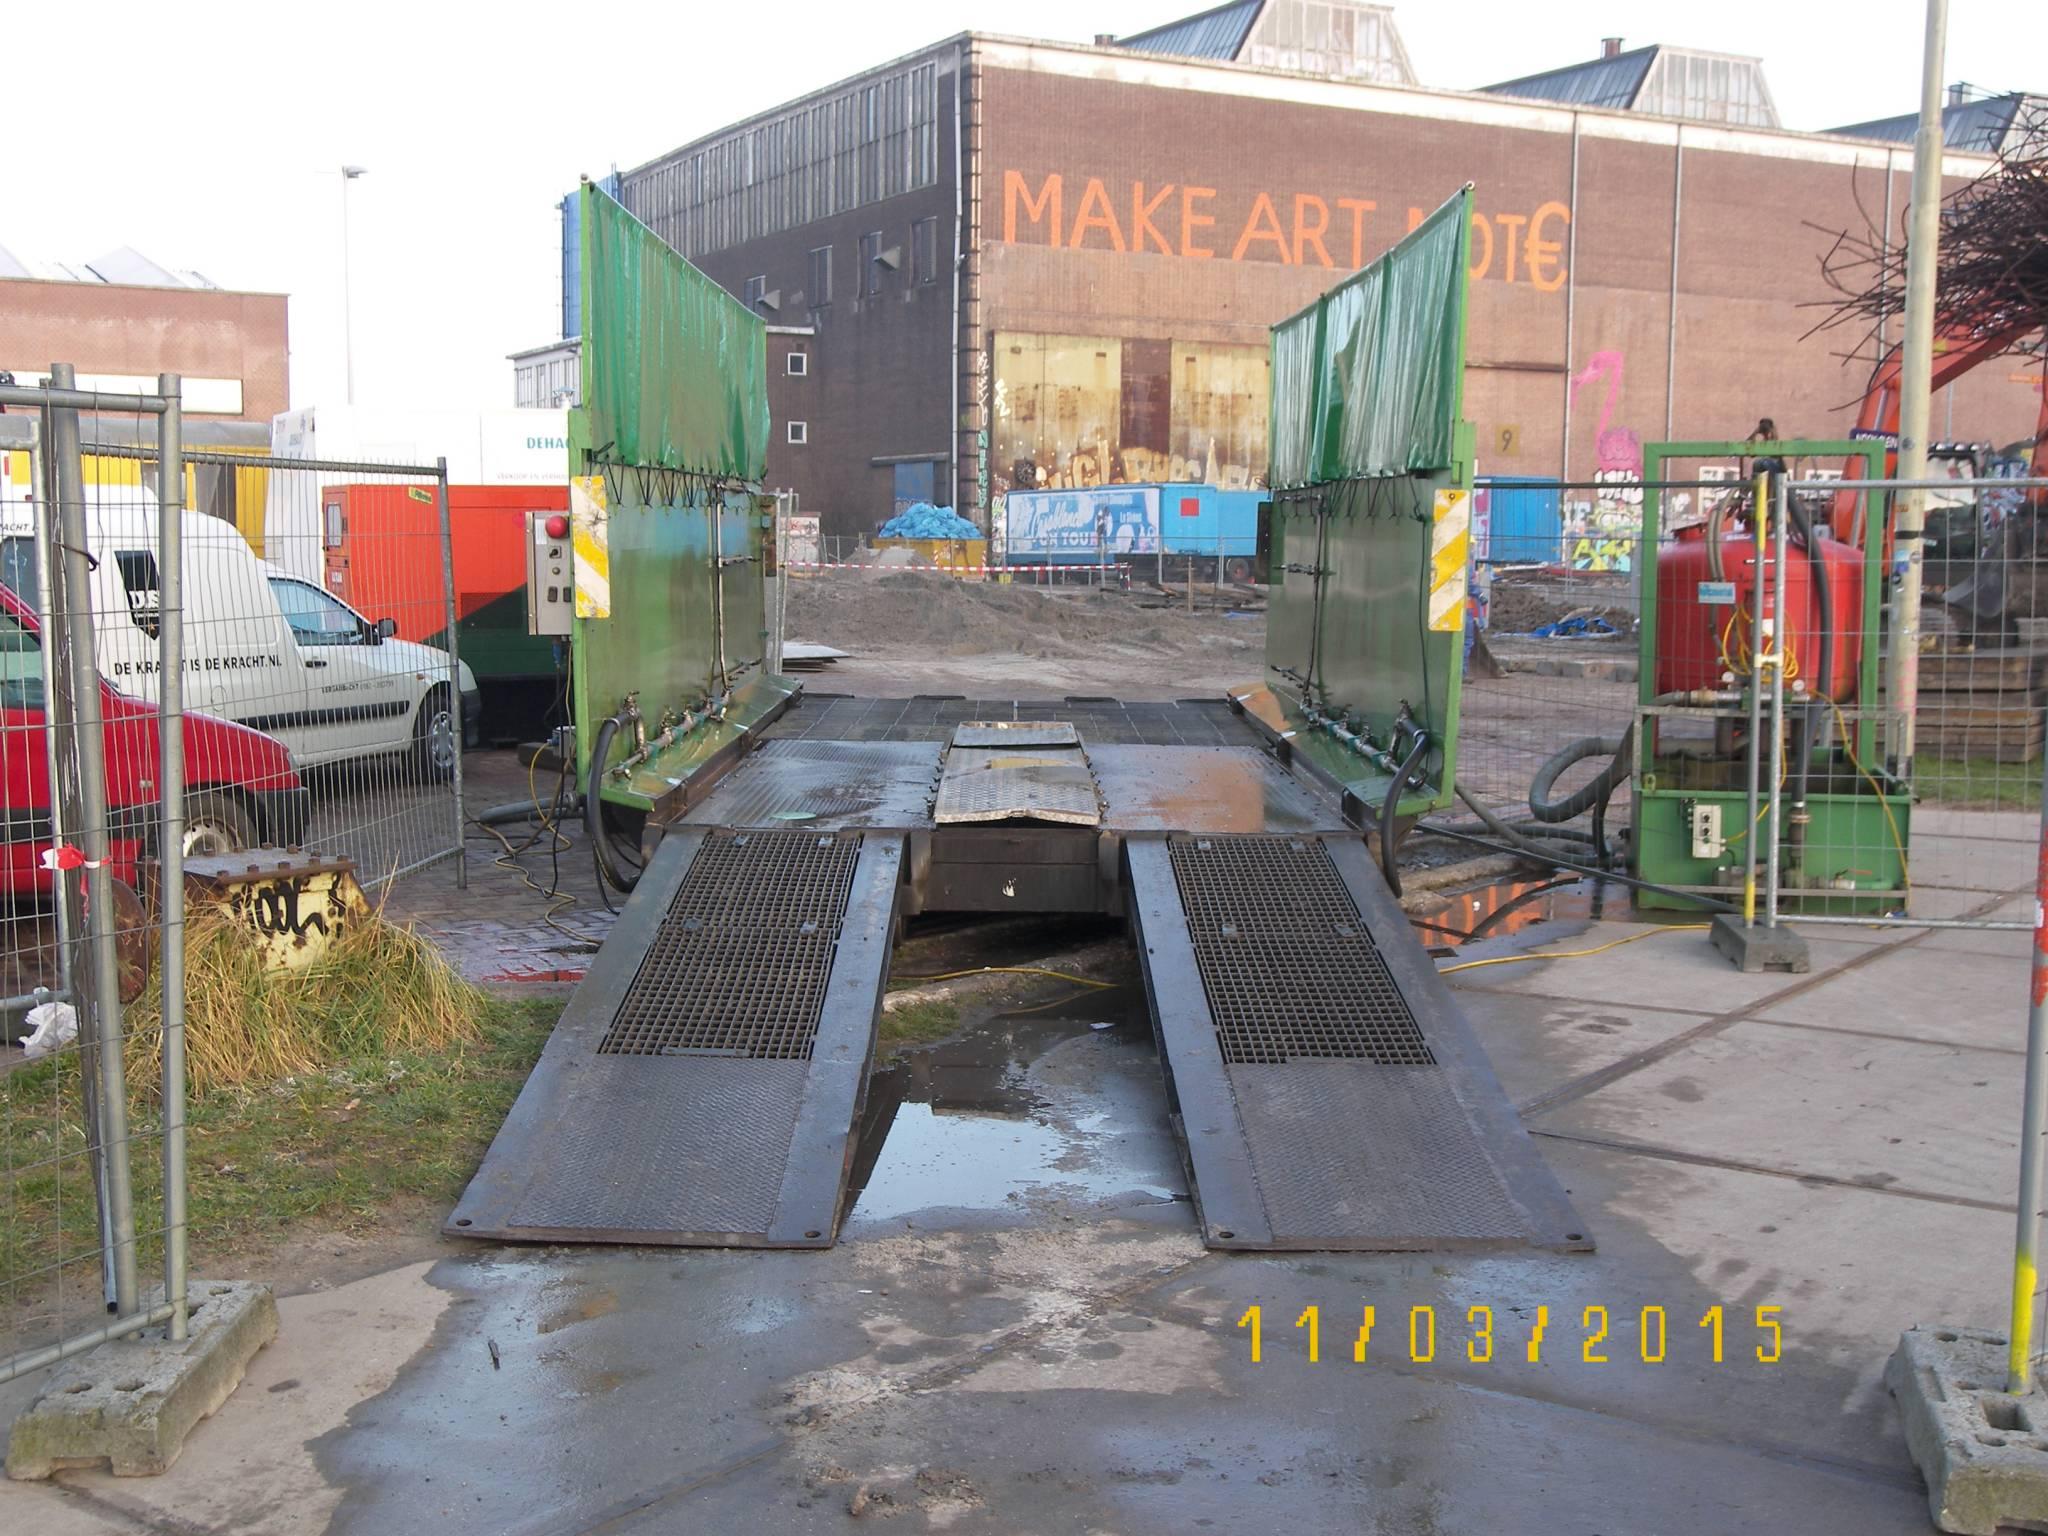 Aannemingsbedrijf Fronik Infra B.V. in Mijdrecht Amsterdam, sanering asbestverontreiniging NDSM werf oost